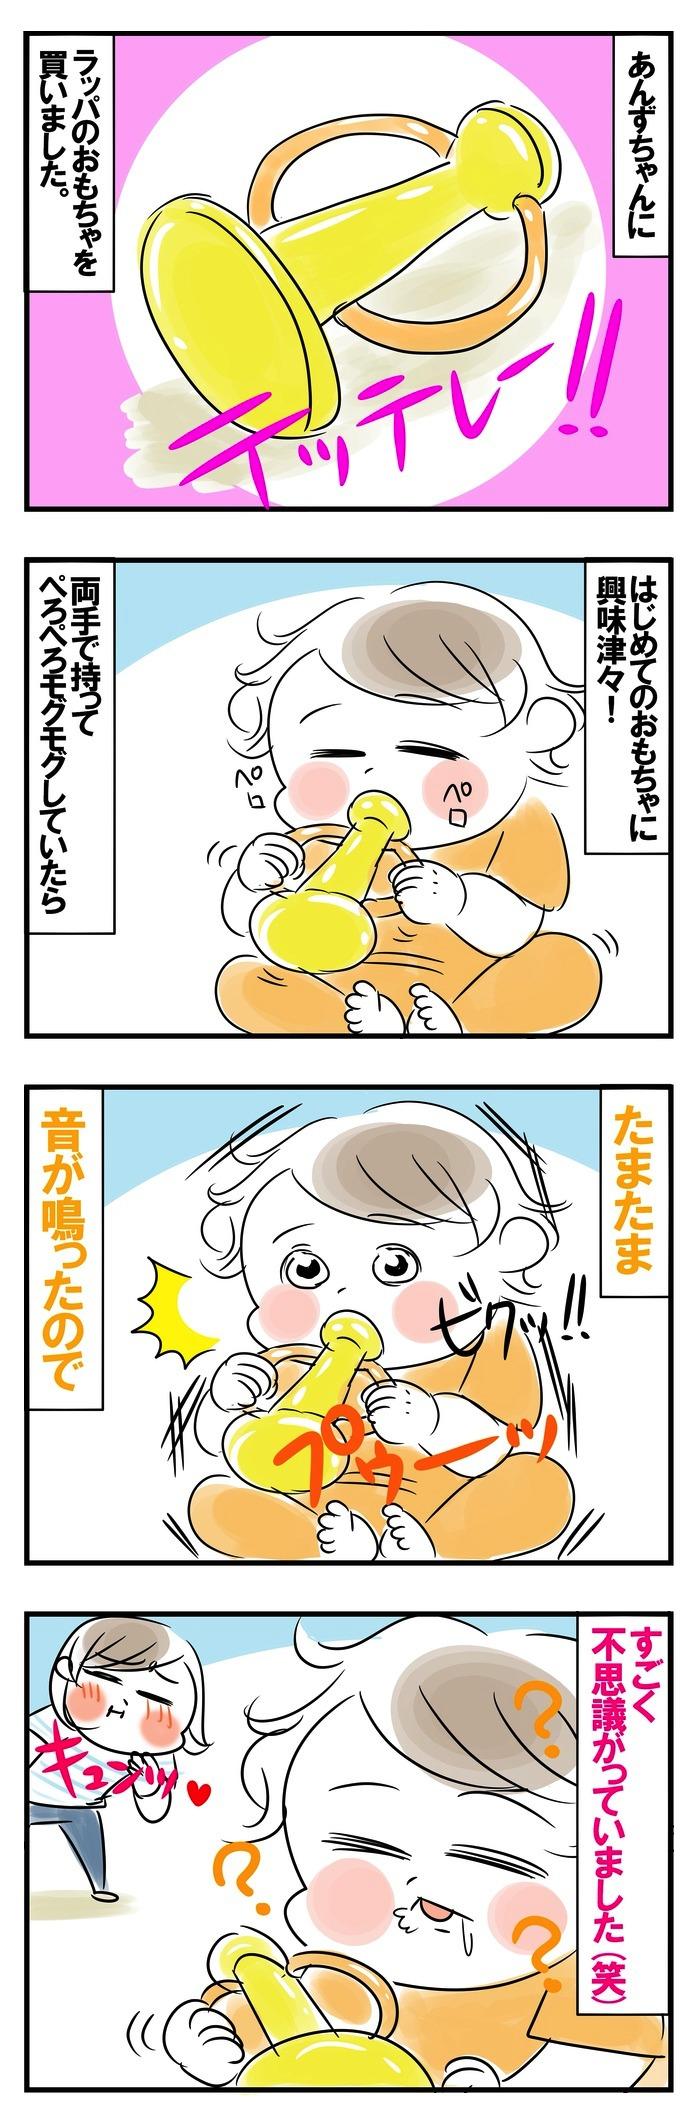 はじめての、おもちゃのラッパ。我が子のリアクションが愛おしすぎる…♡の画像1